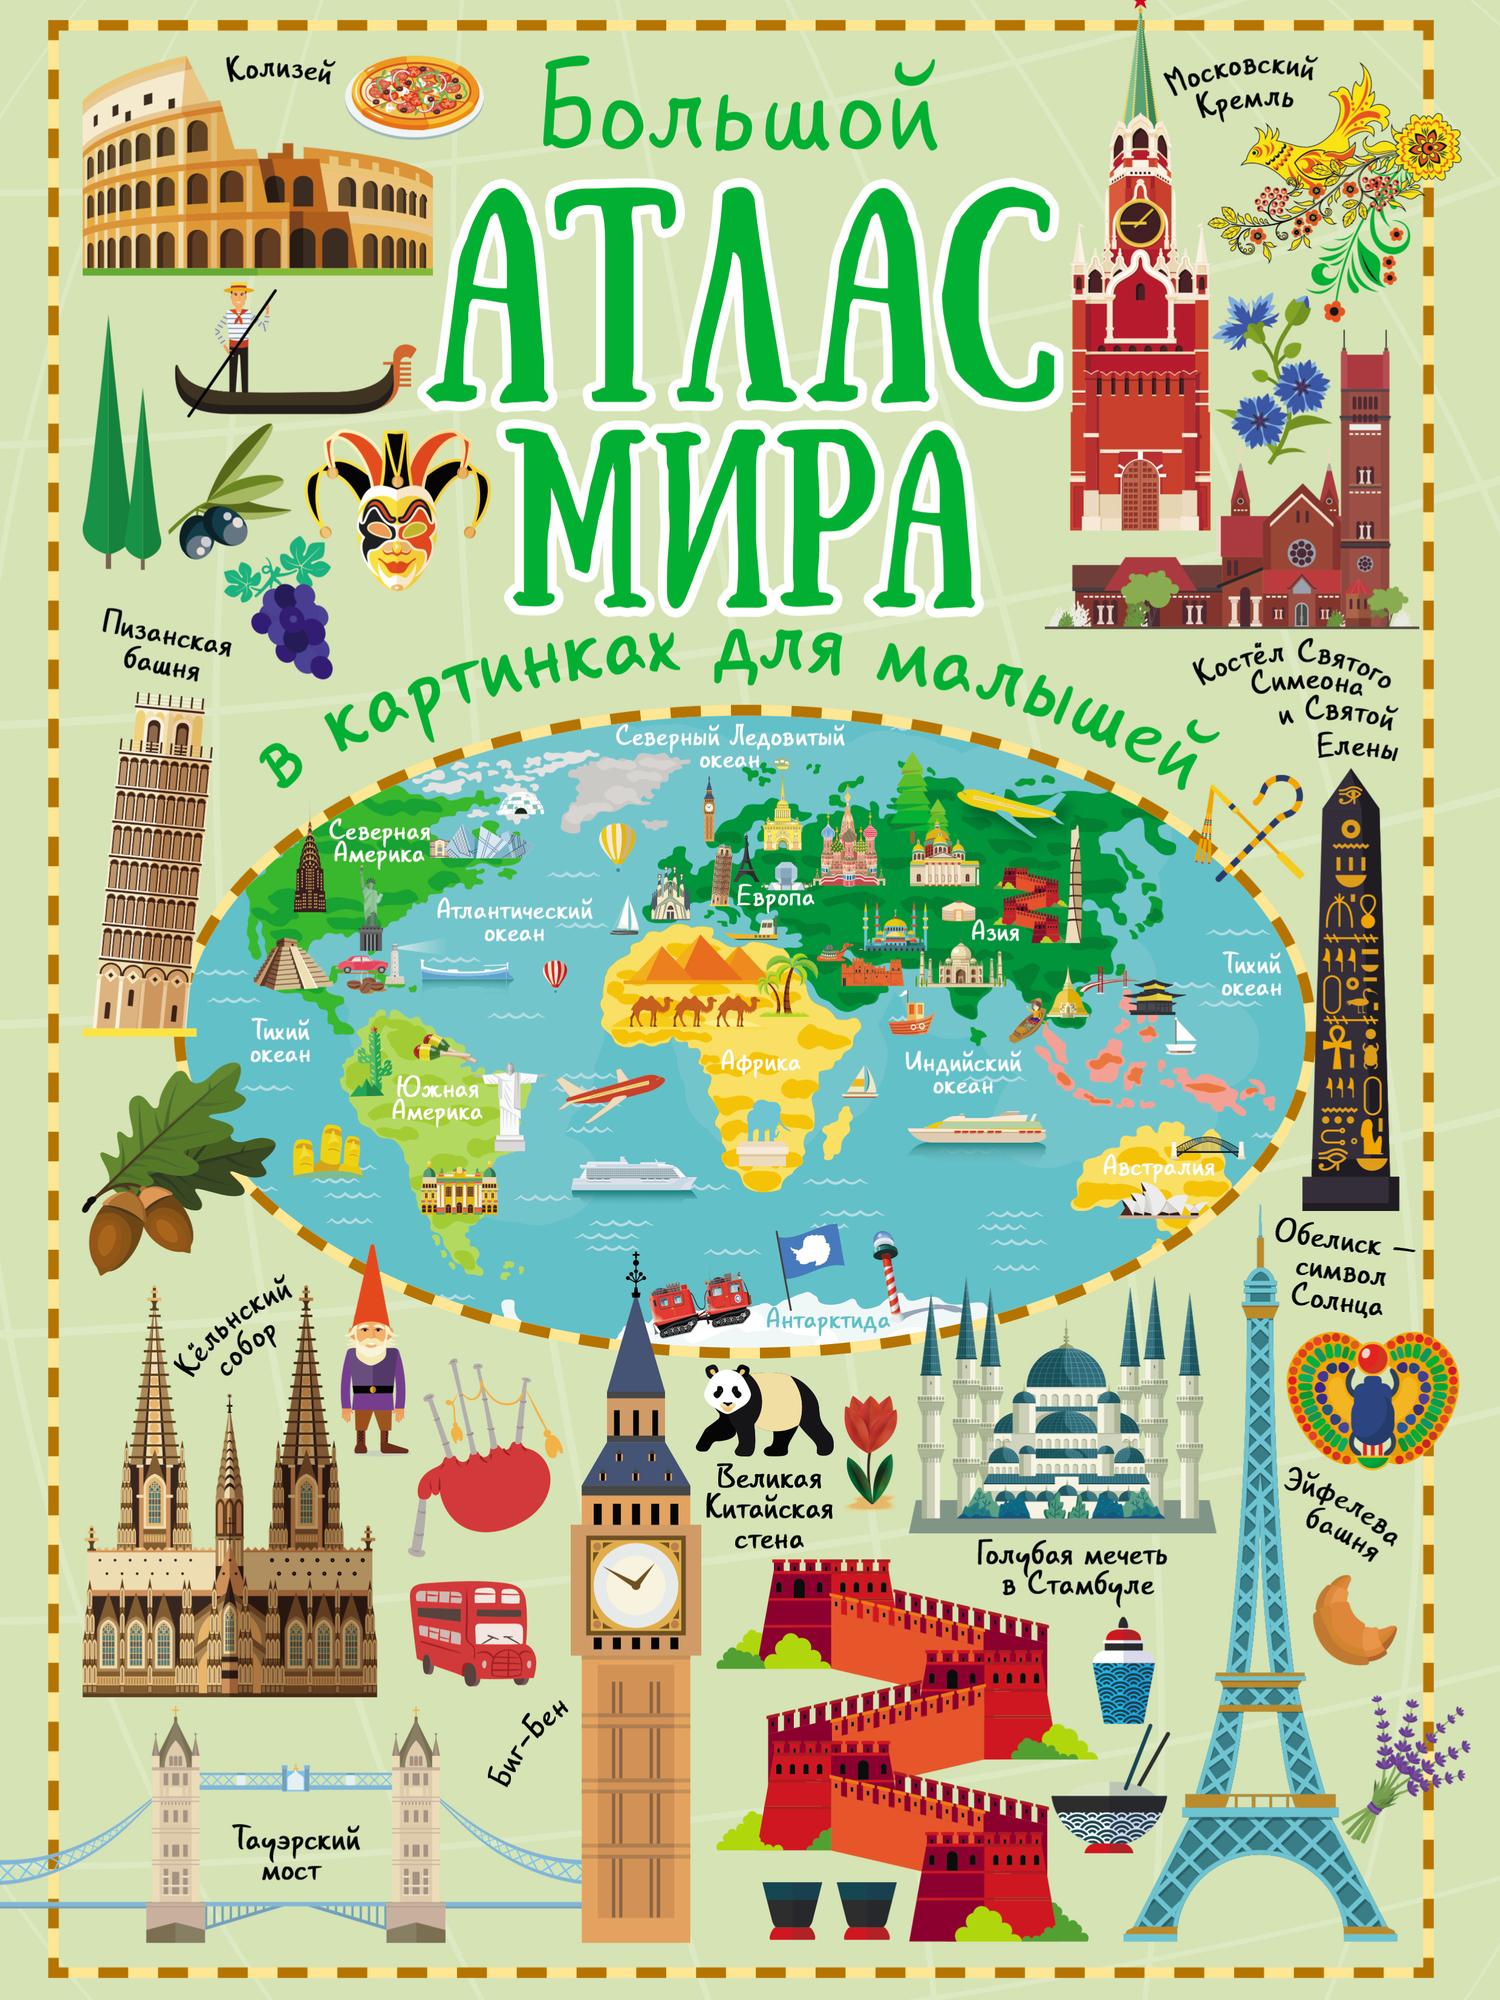 Ю. И. Дорошенко Большой атлас мира в картинках для малышей барсотти и большой атлас мира для детей